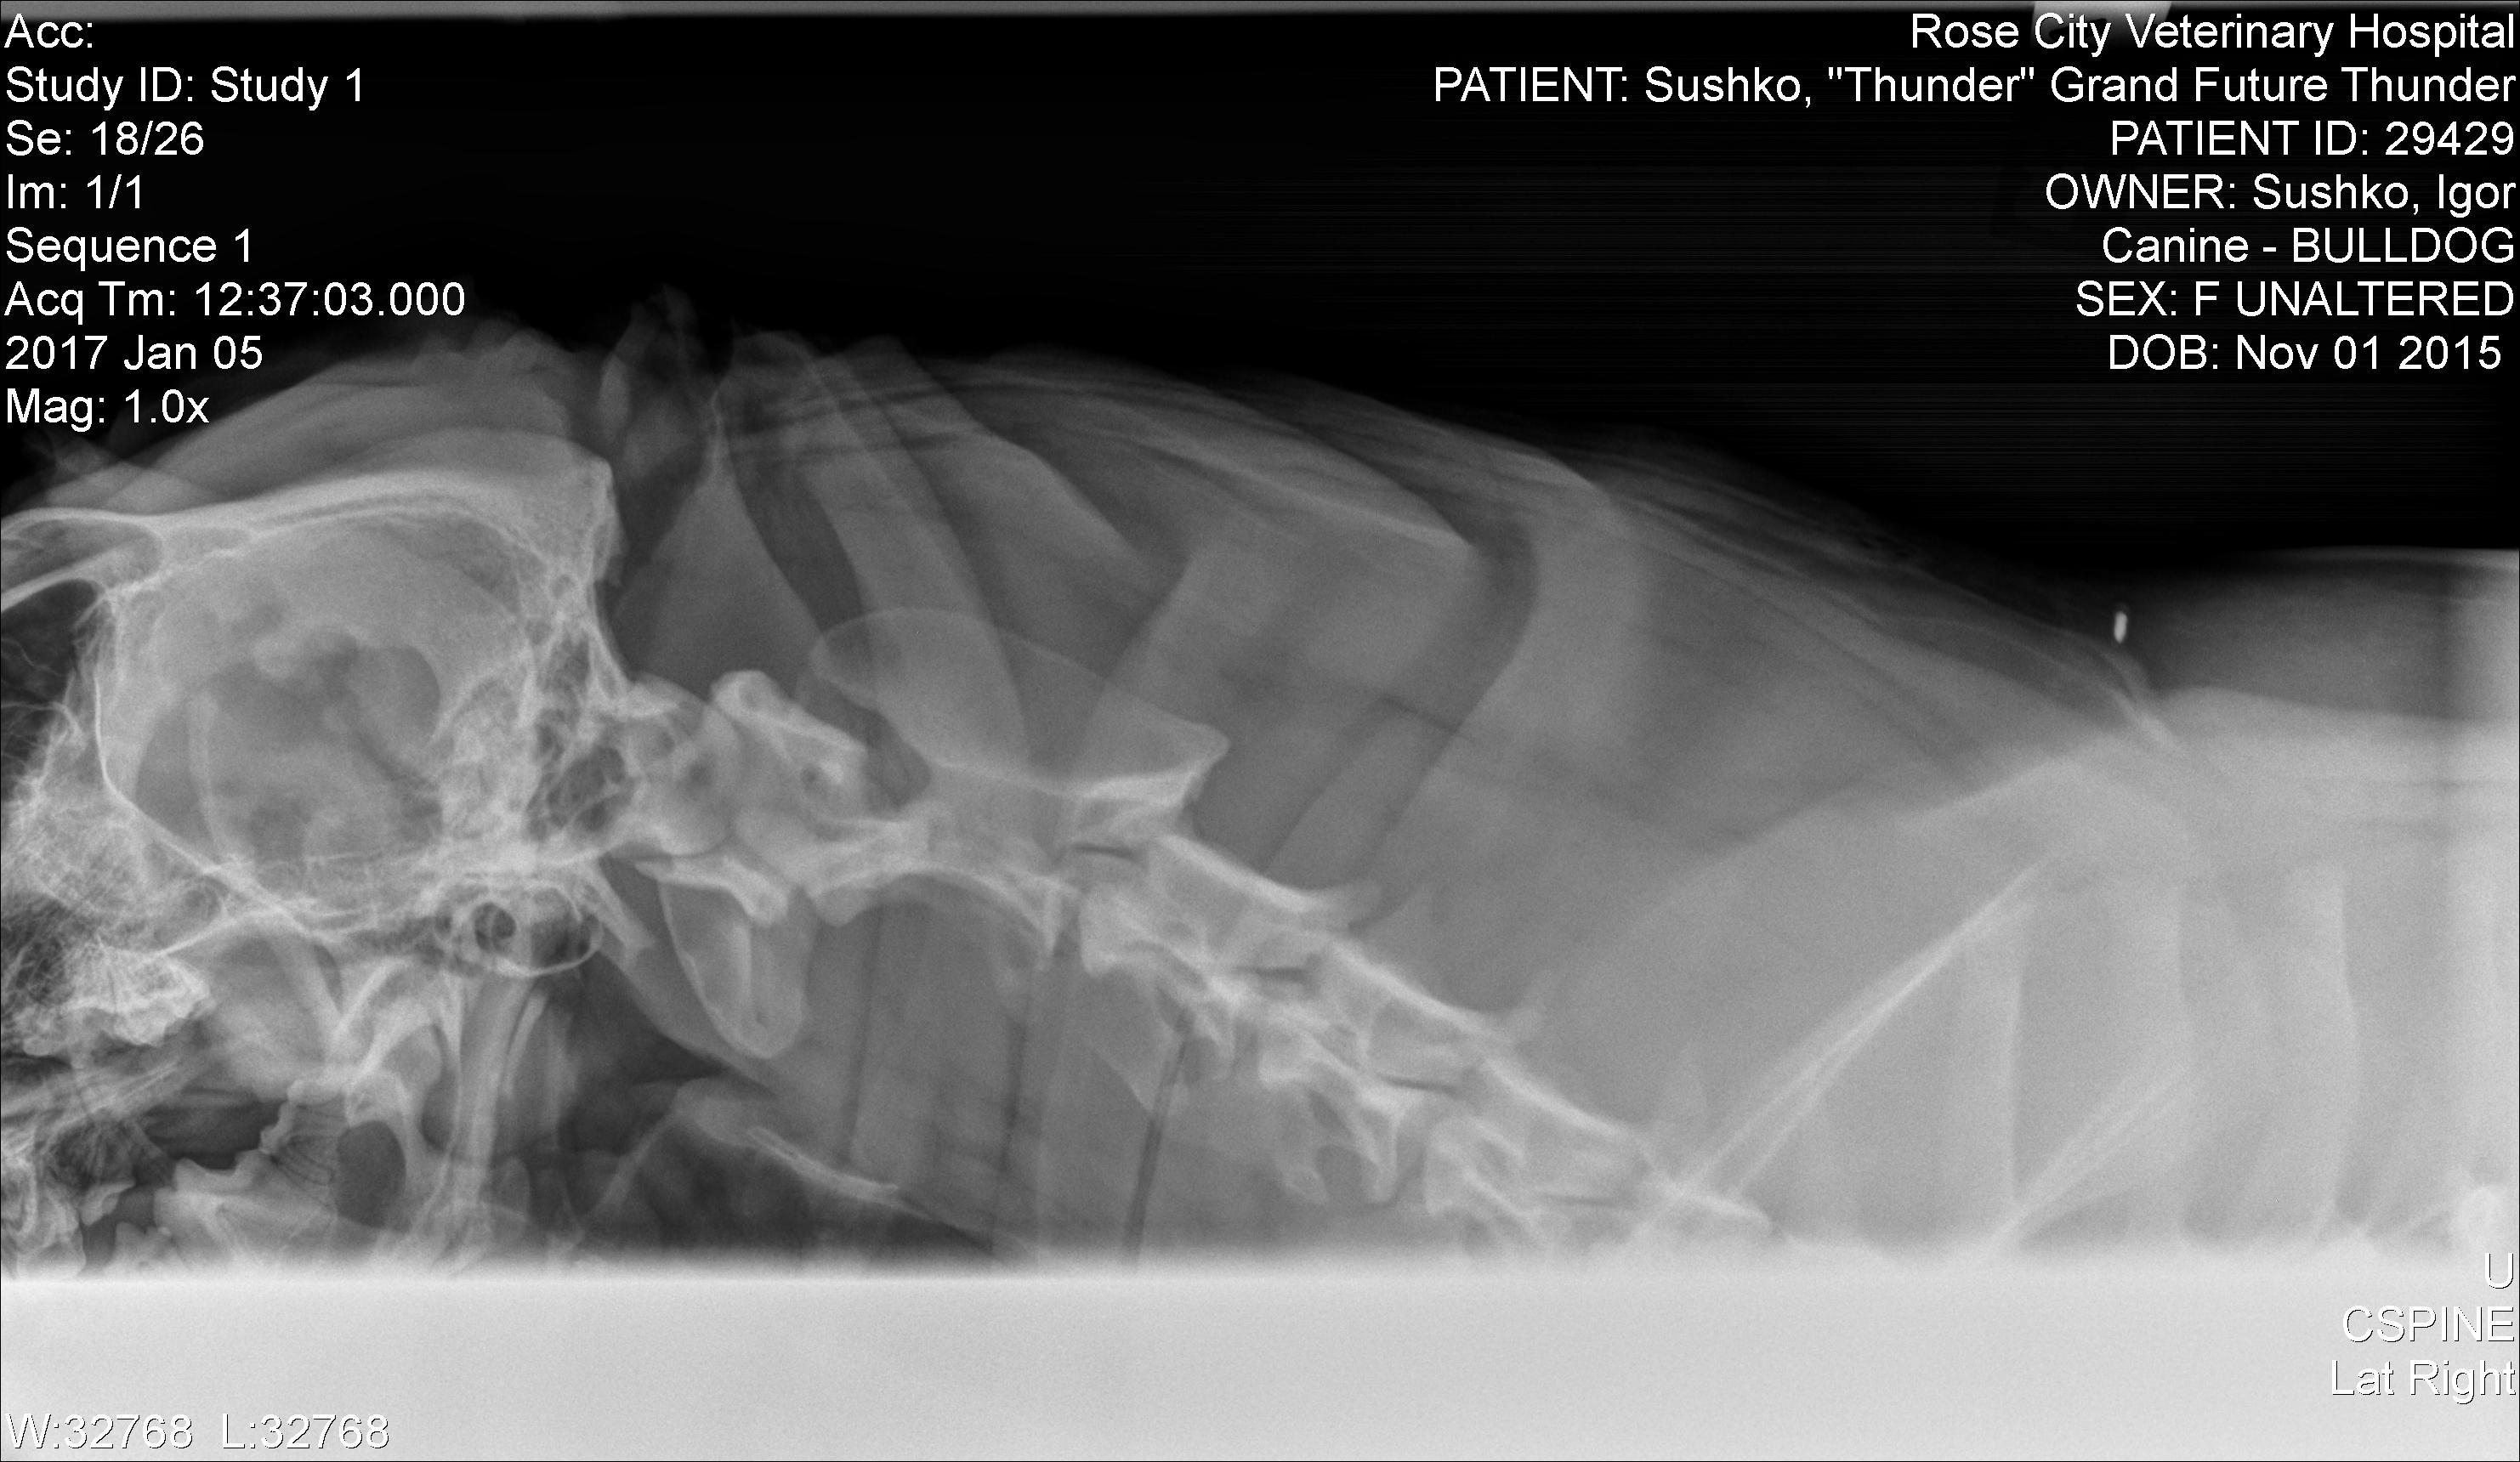 OFA Spine Radiograph